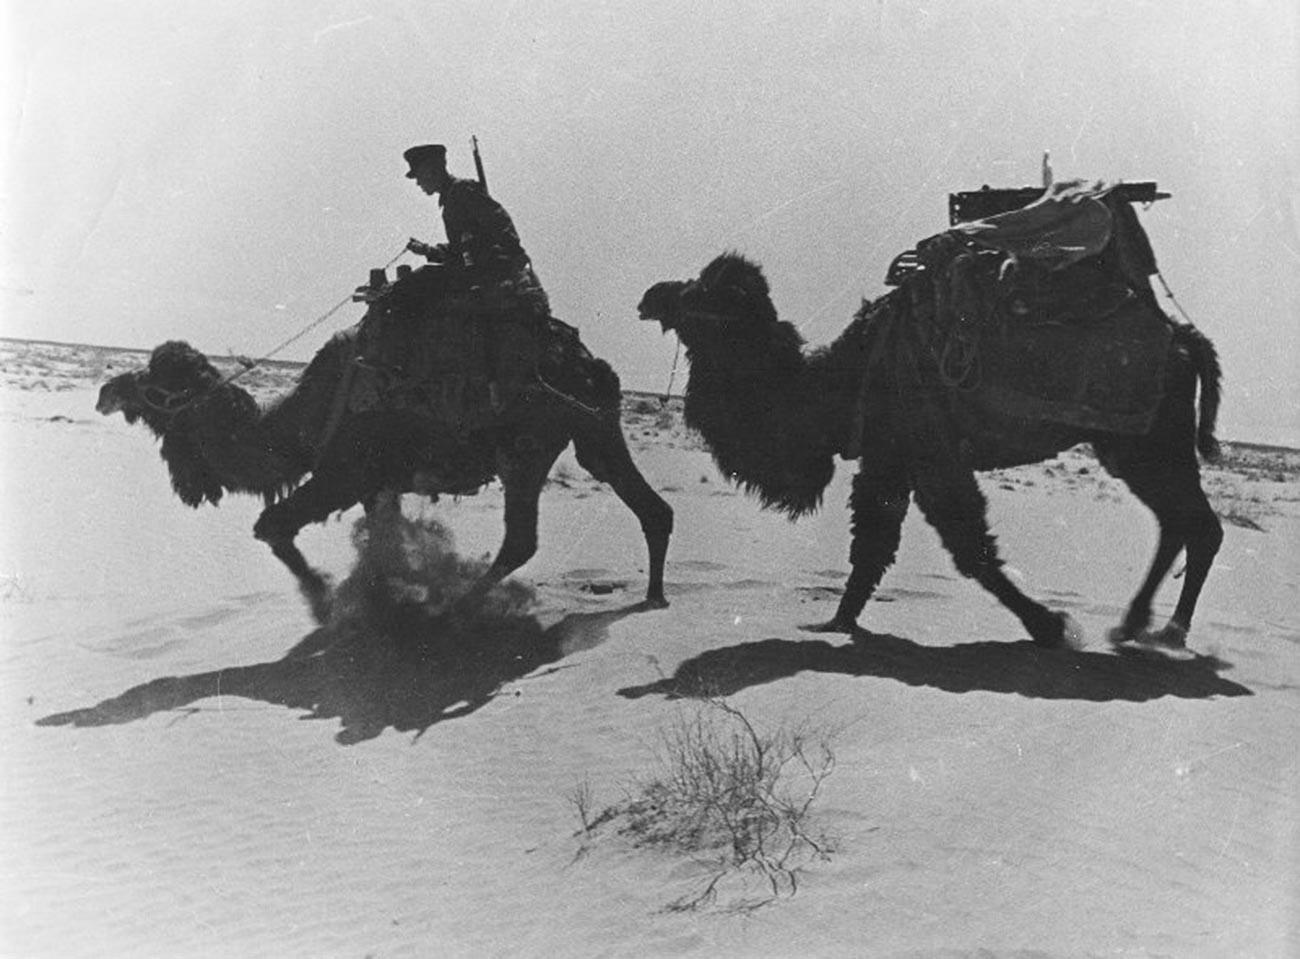 Ein Grenzschutzbeamter in der Turkmenischen SSR, 1930er Jahre